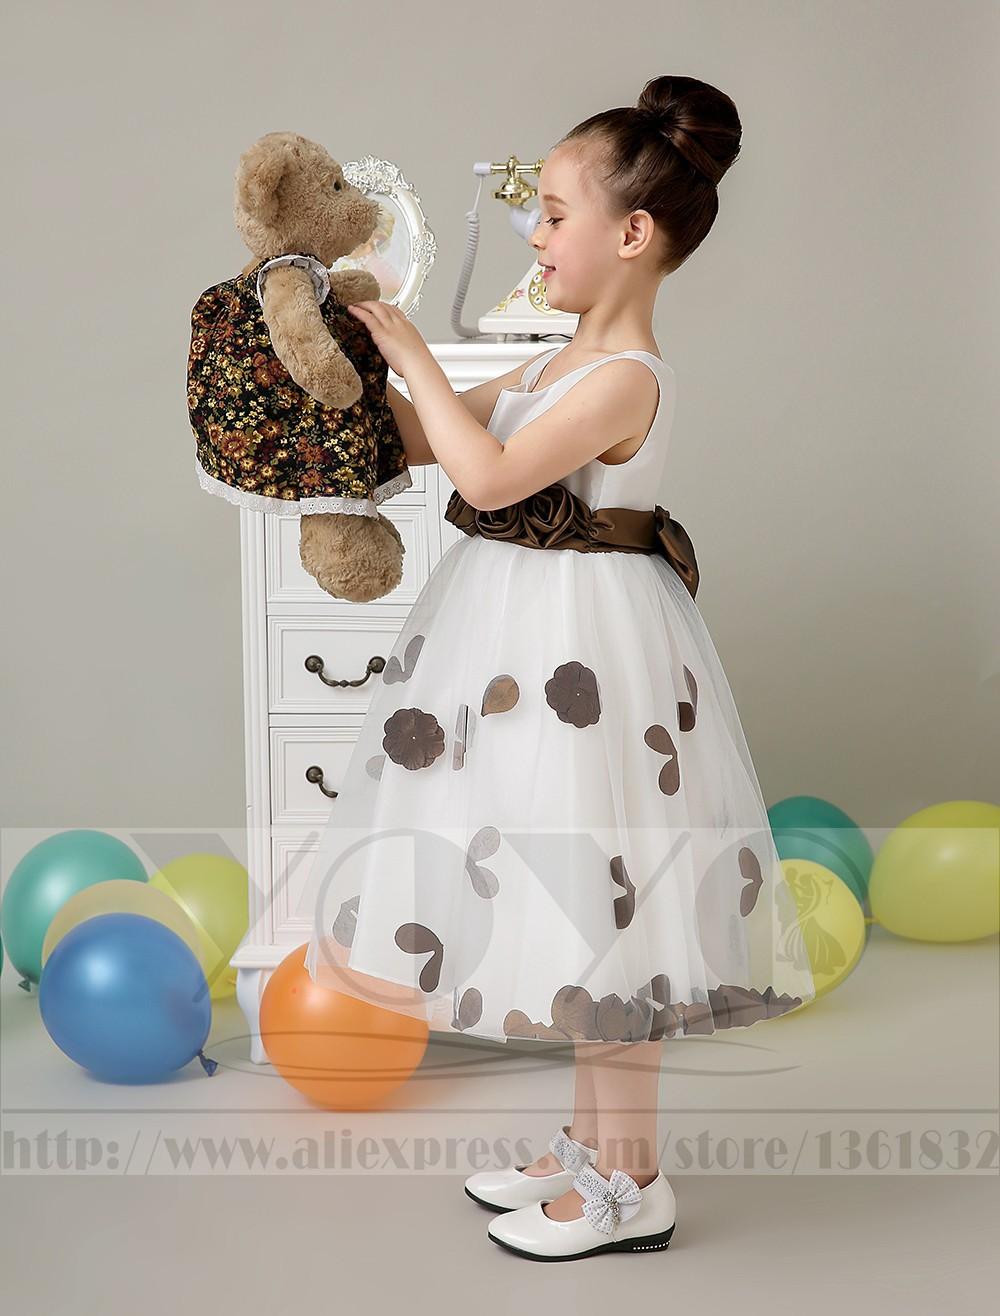 Скидки на Тюль платье-линии кот маленькие девочки платья с глод венчания орденской ленты девушки dresess дети девочки формальные торжества платья